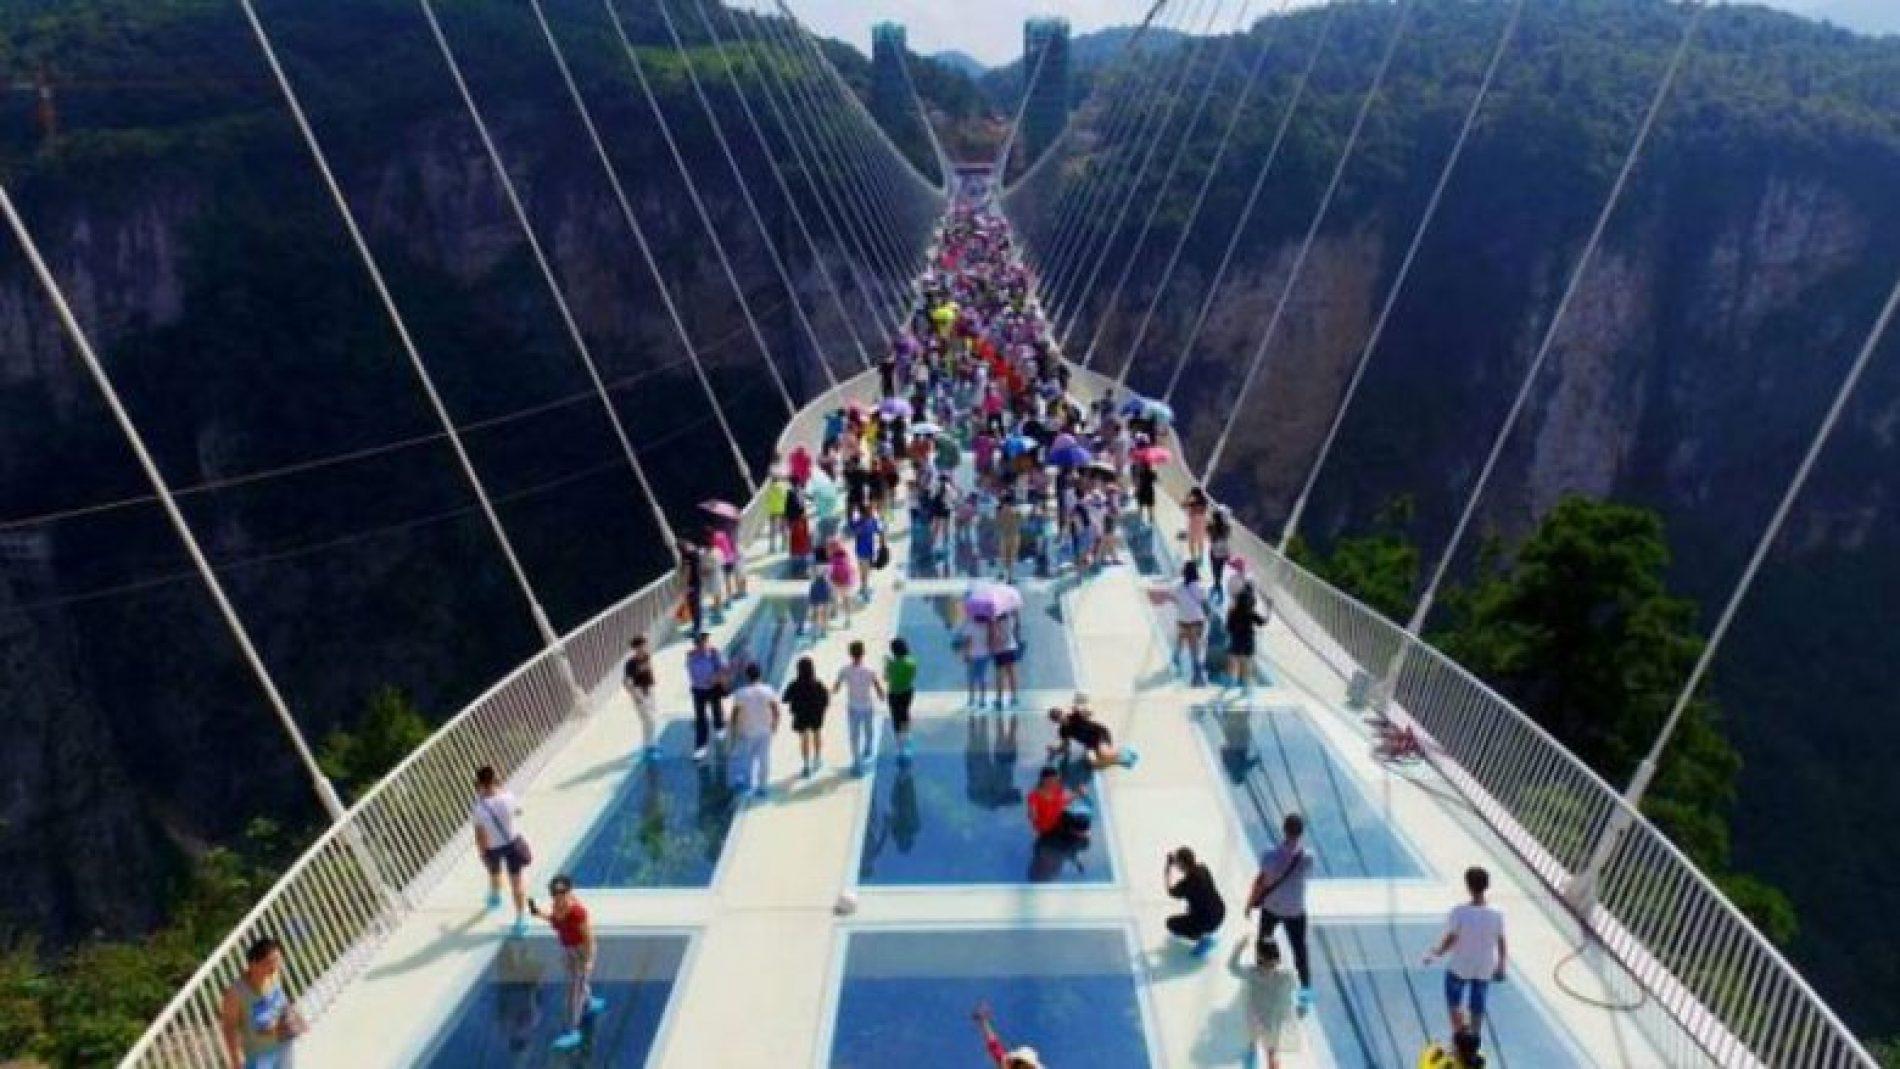 Ura më e gjatë në botë, prej xhami (Foto)